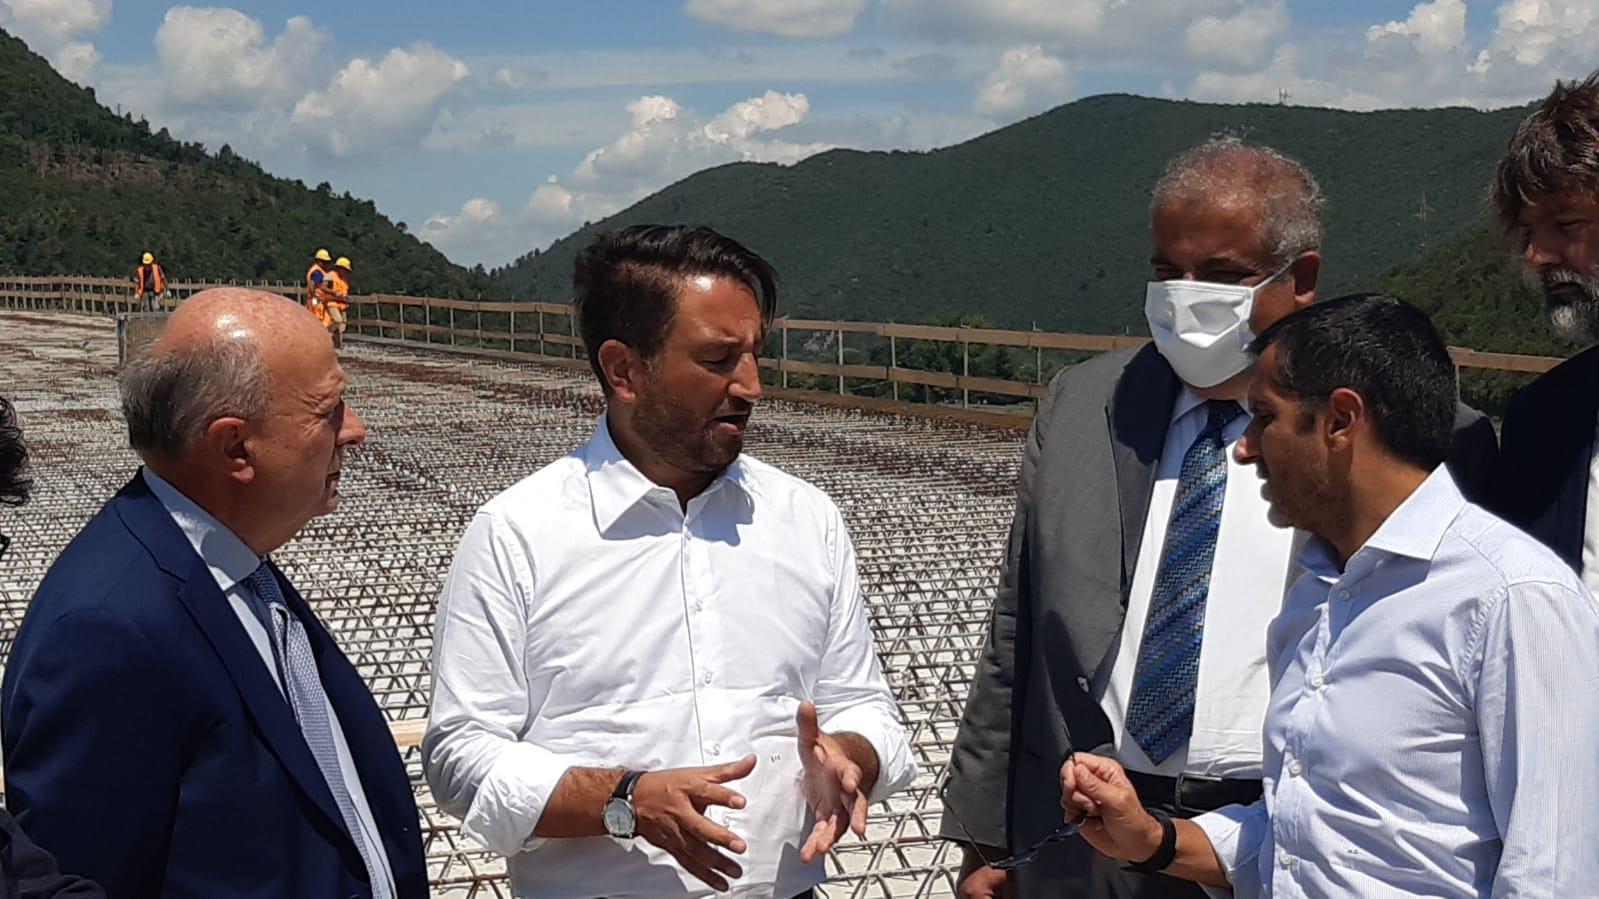 Trasporti e infrastrutture in Umbria viceministro Cancelleri con Melasecche